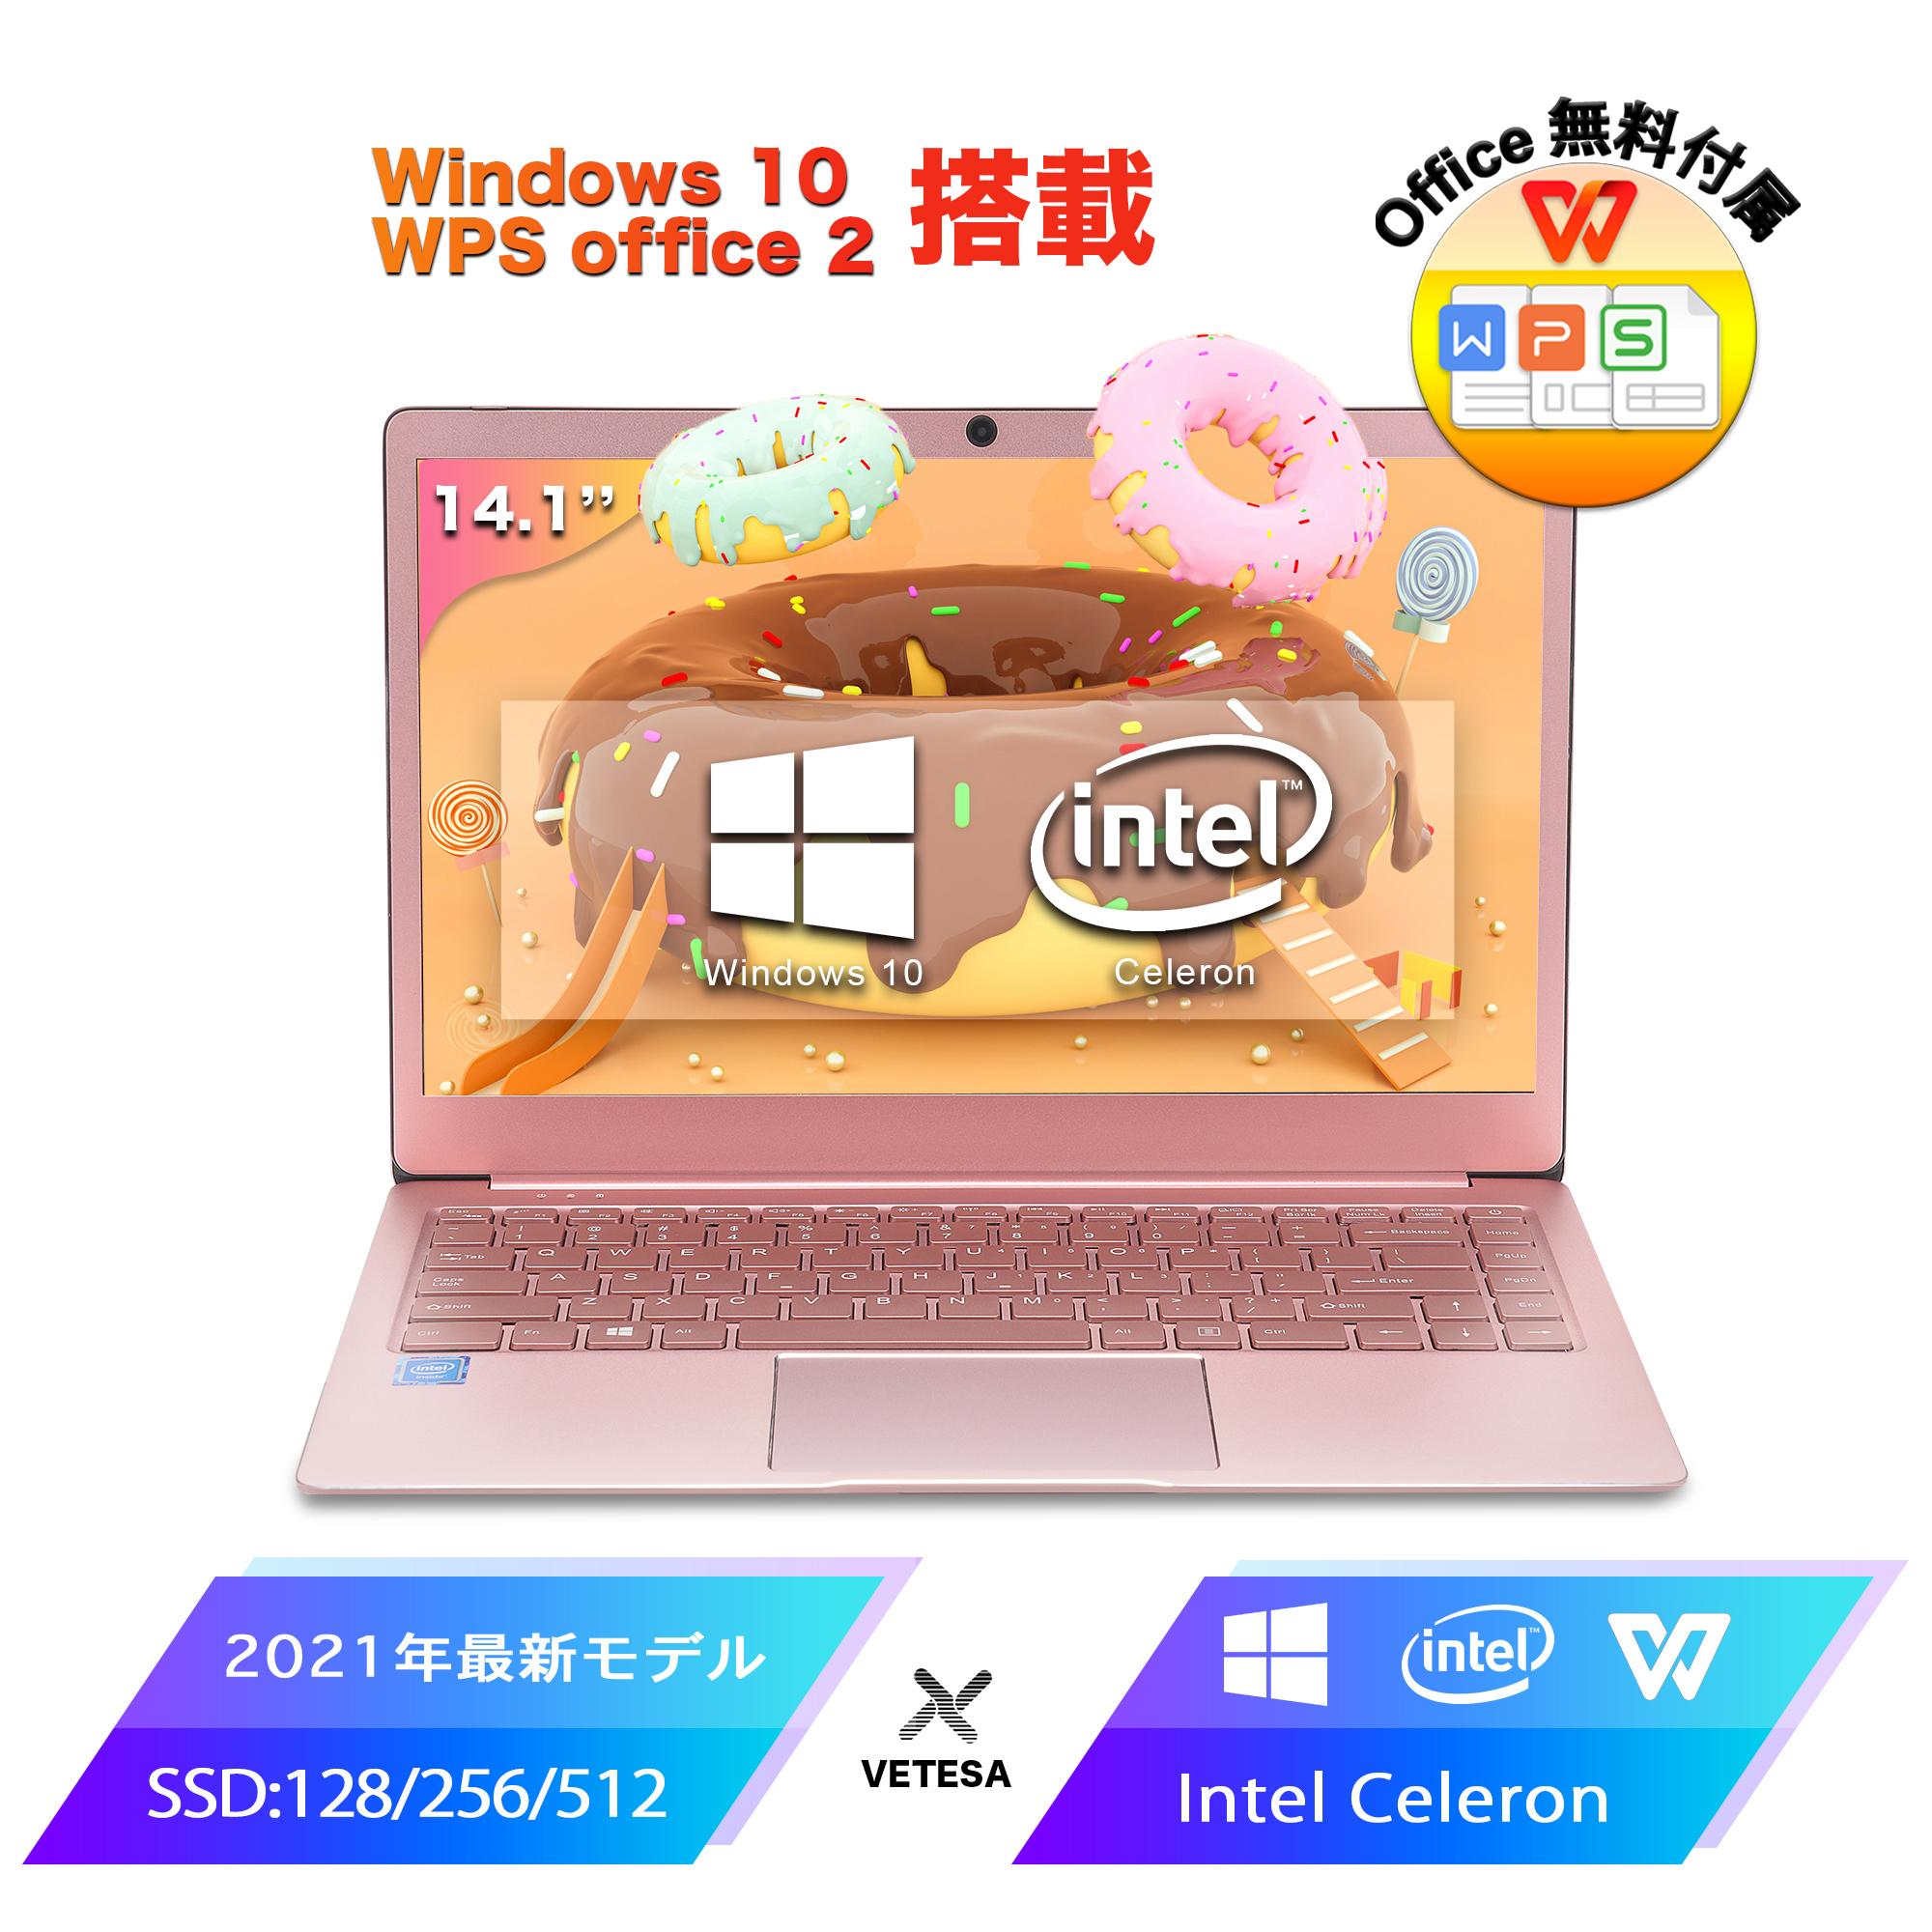 --送料無料-- パソコンノートパソコン 新品 Office付き ノートPC 初心者向け【Windows 10Pro搭載】ローズゴールド 初期設定済み インテル Celeron 1.6GHz/メモリー:8GB /高速SSD:128GB/軽薄型 /バックライトキーボード/高級金属シェル/IPS広視野角14.1型フルHD液晶/Webカメラ(14R415-US)